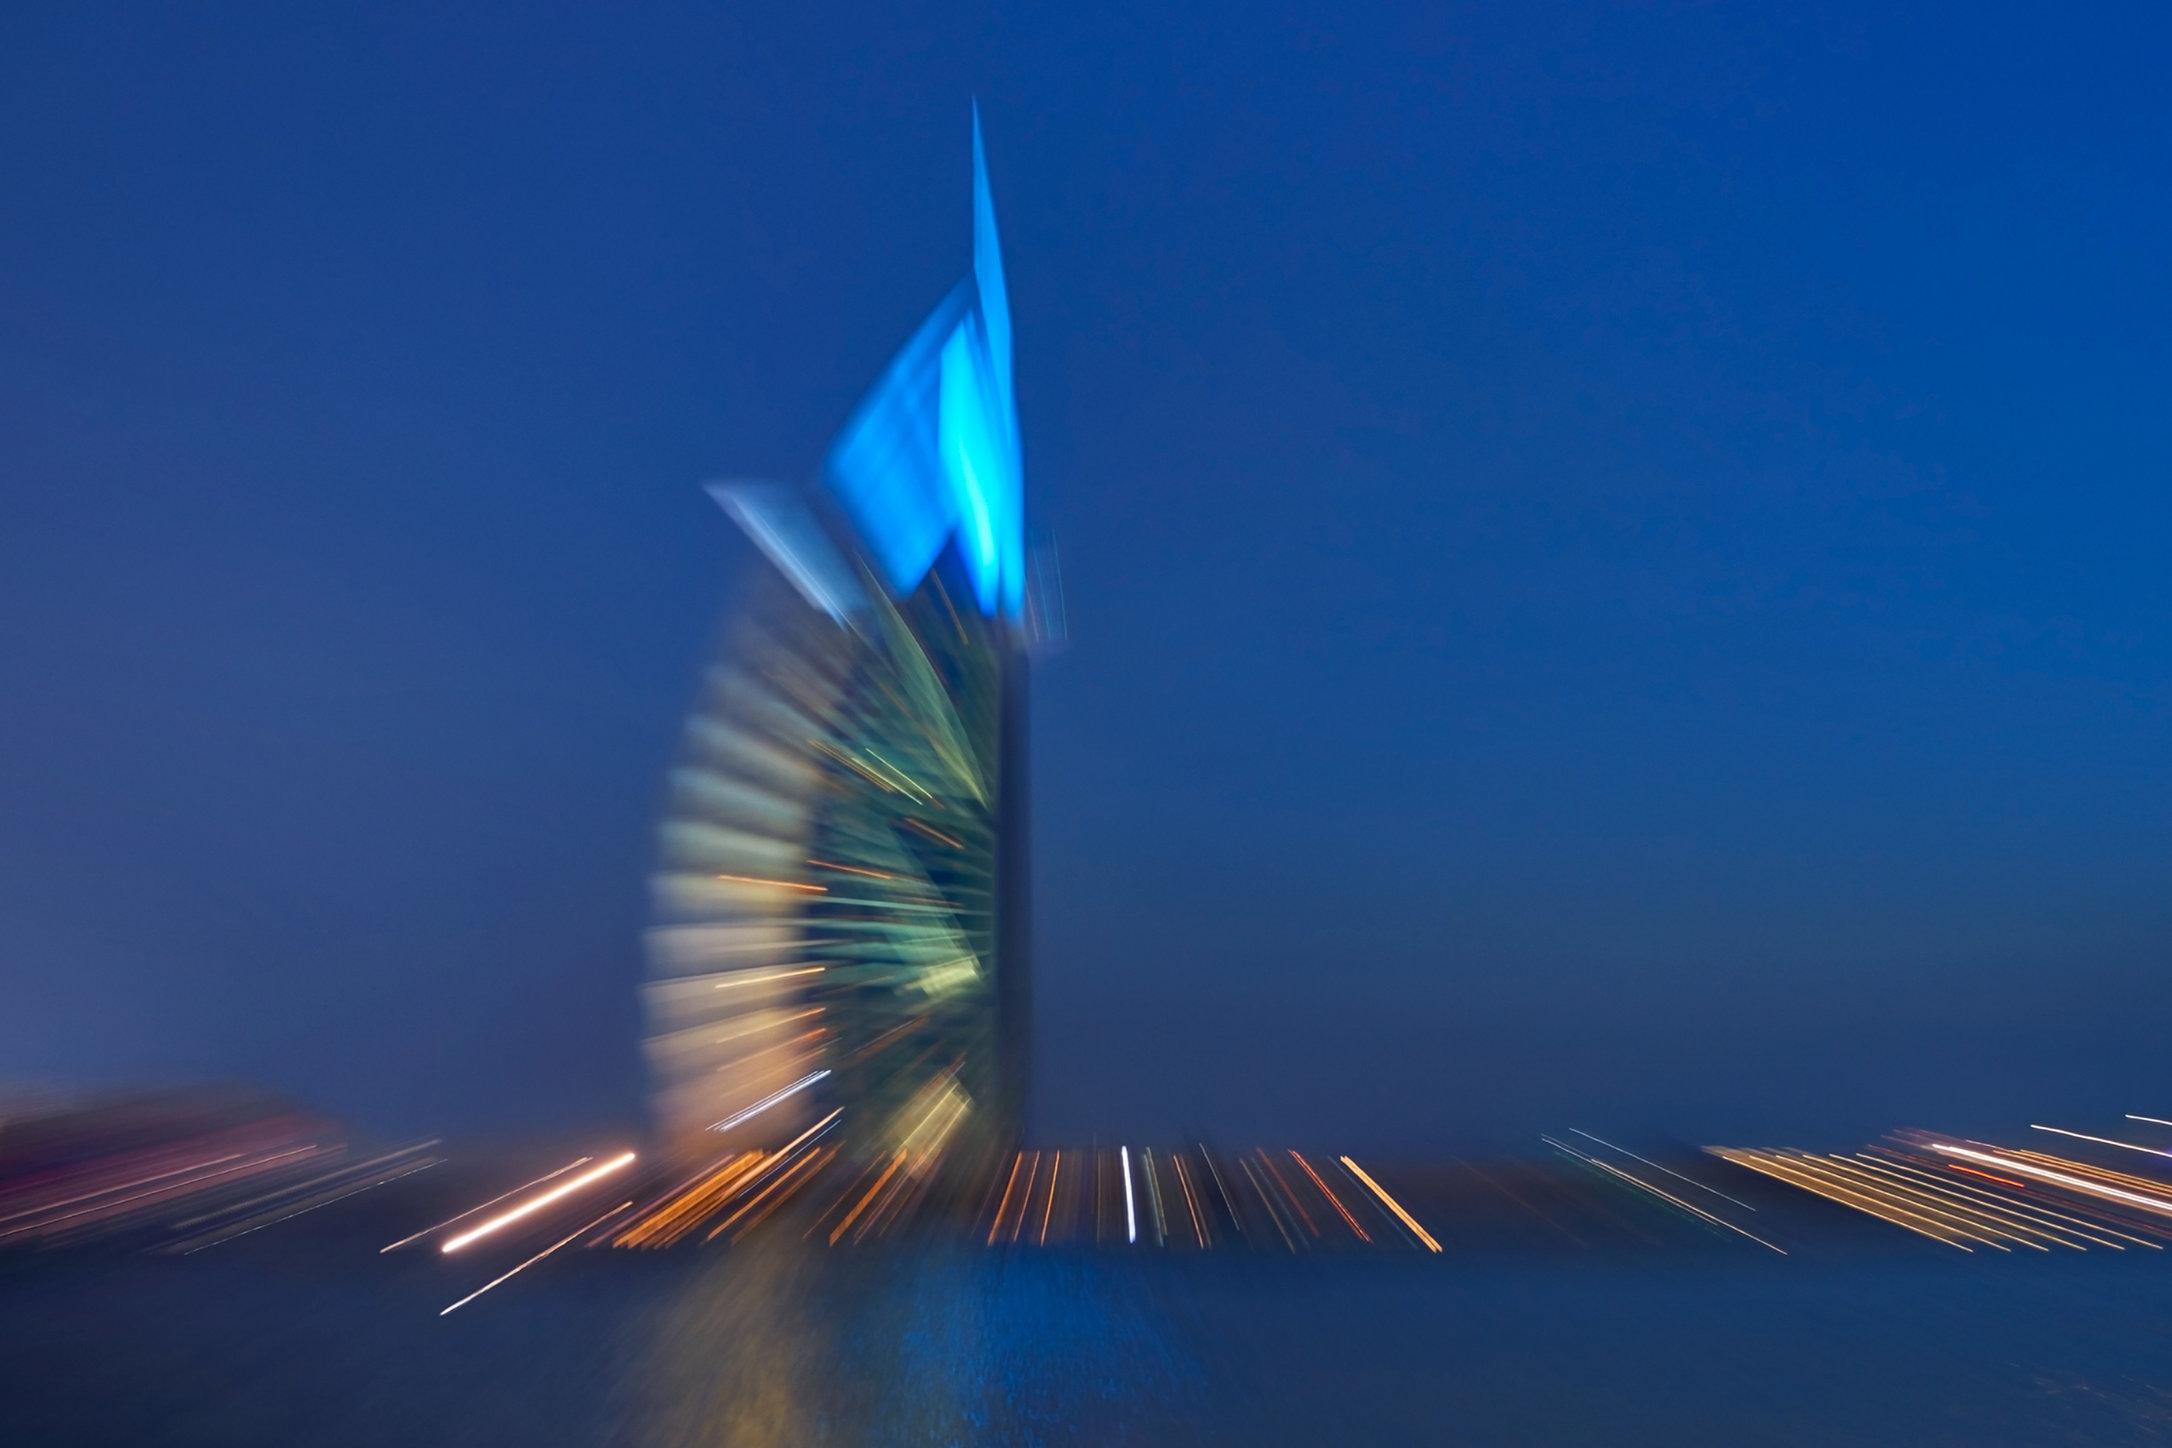 City / Dubai / Burj Al Arab